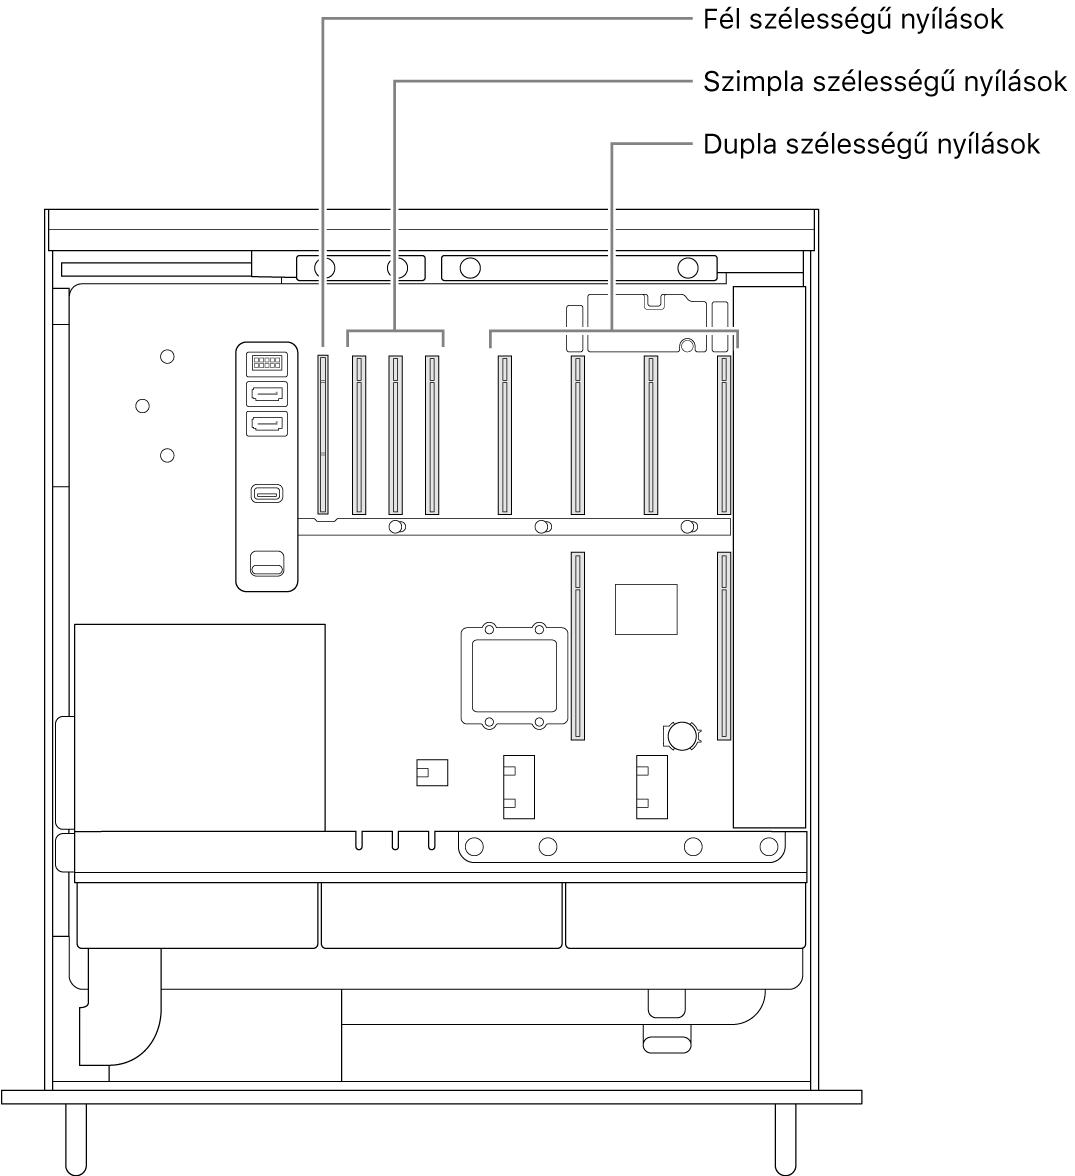 A MacPro nyitott oldalának képe, amelyen ábrafeliratok mutatják a négy dupla szélességű foglalat, a három egyszeres szélességű foglalat és az egy fél egység hosszú foglalat helyét.